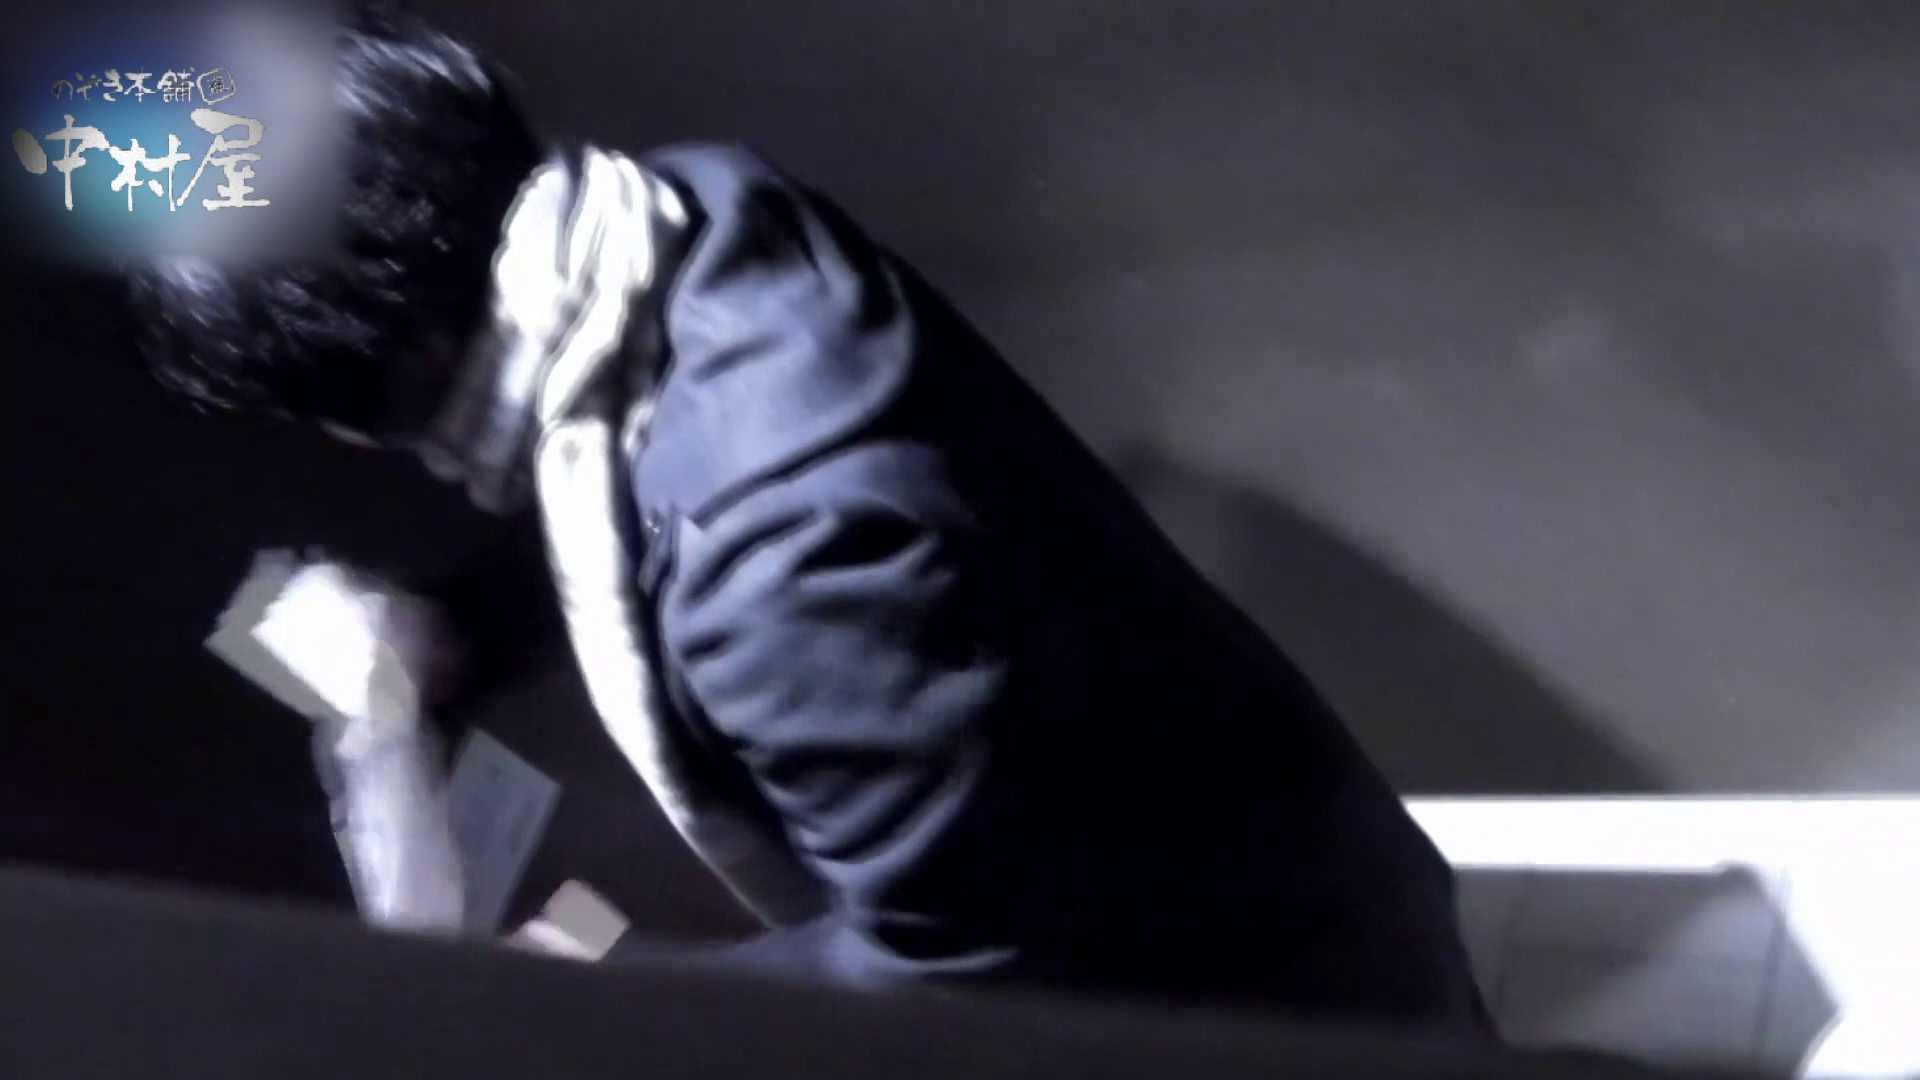 乙女集まる!ショッピングモール潜入撮vol.03 和式 盗撮セックス無修正動画無料 87PICs 71